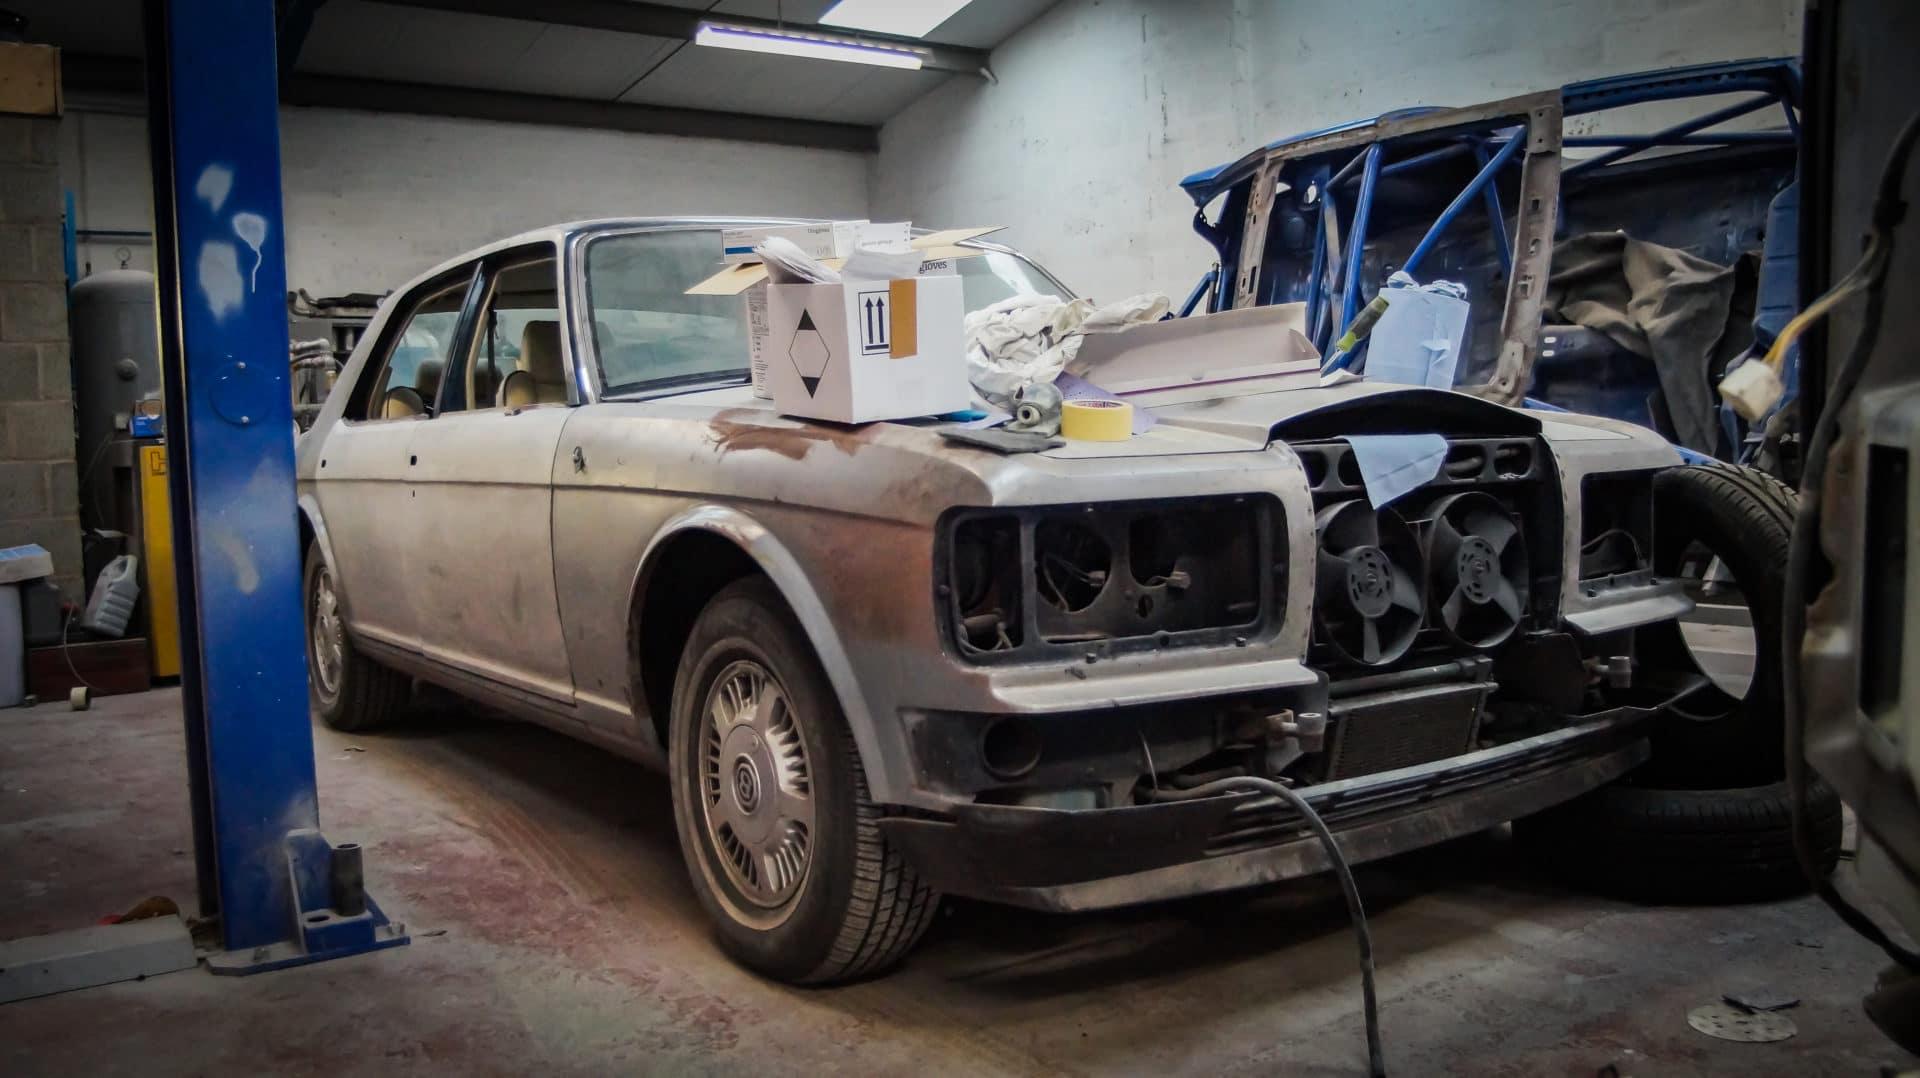 the collector, midlands performance and retro, motoring, automotive, carandclassic, carandclassic.co.uk, classic car, retro car, mpr, austin, subaru, mercedes-benz, bmw, ferrari, ford, ford escort, bentley, classic car restoration, featured, classic car, retro car